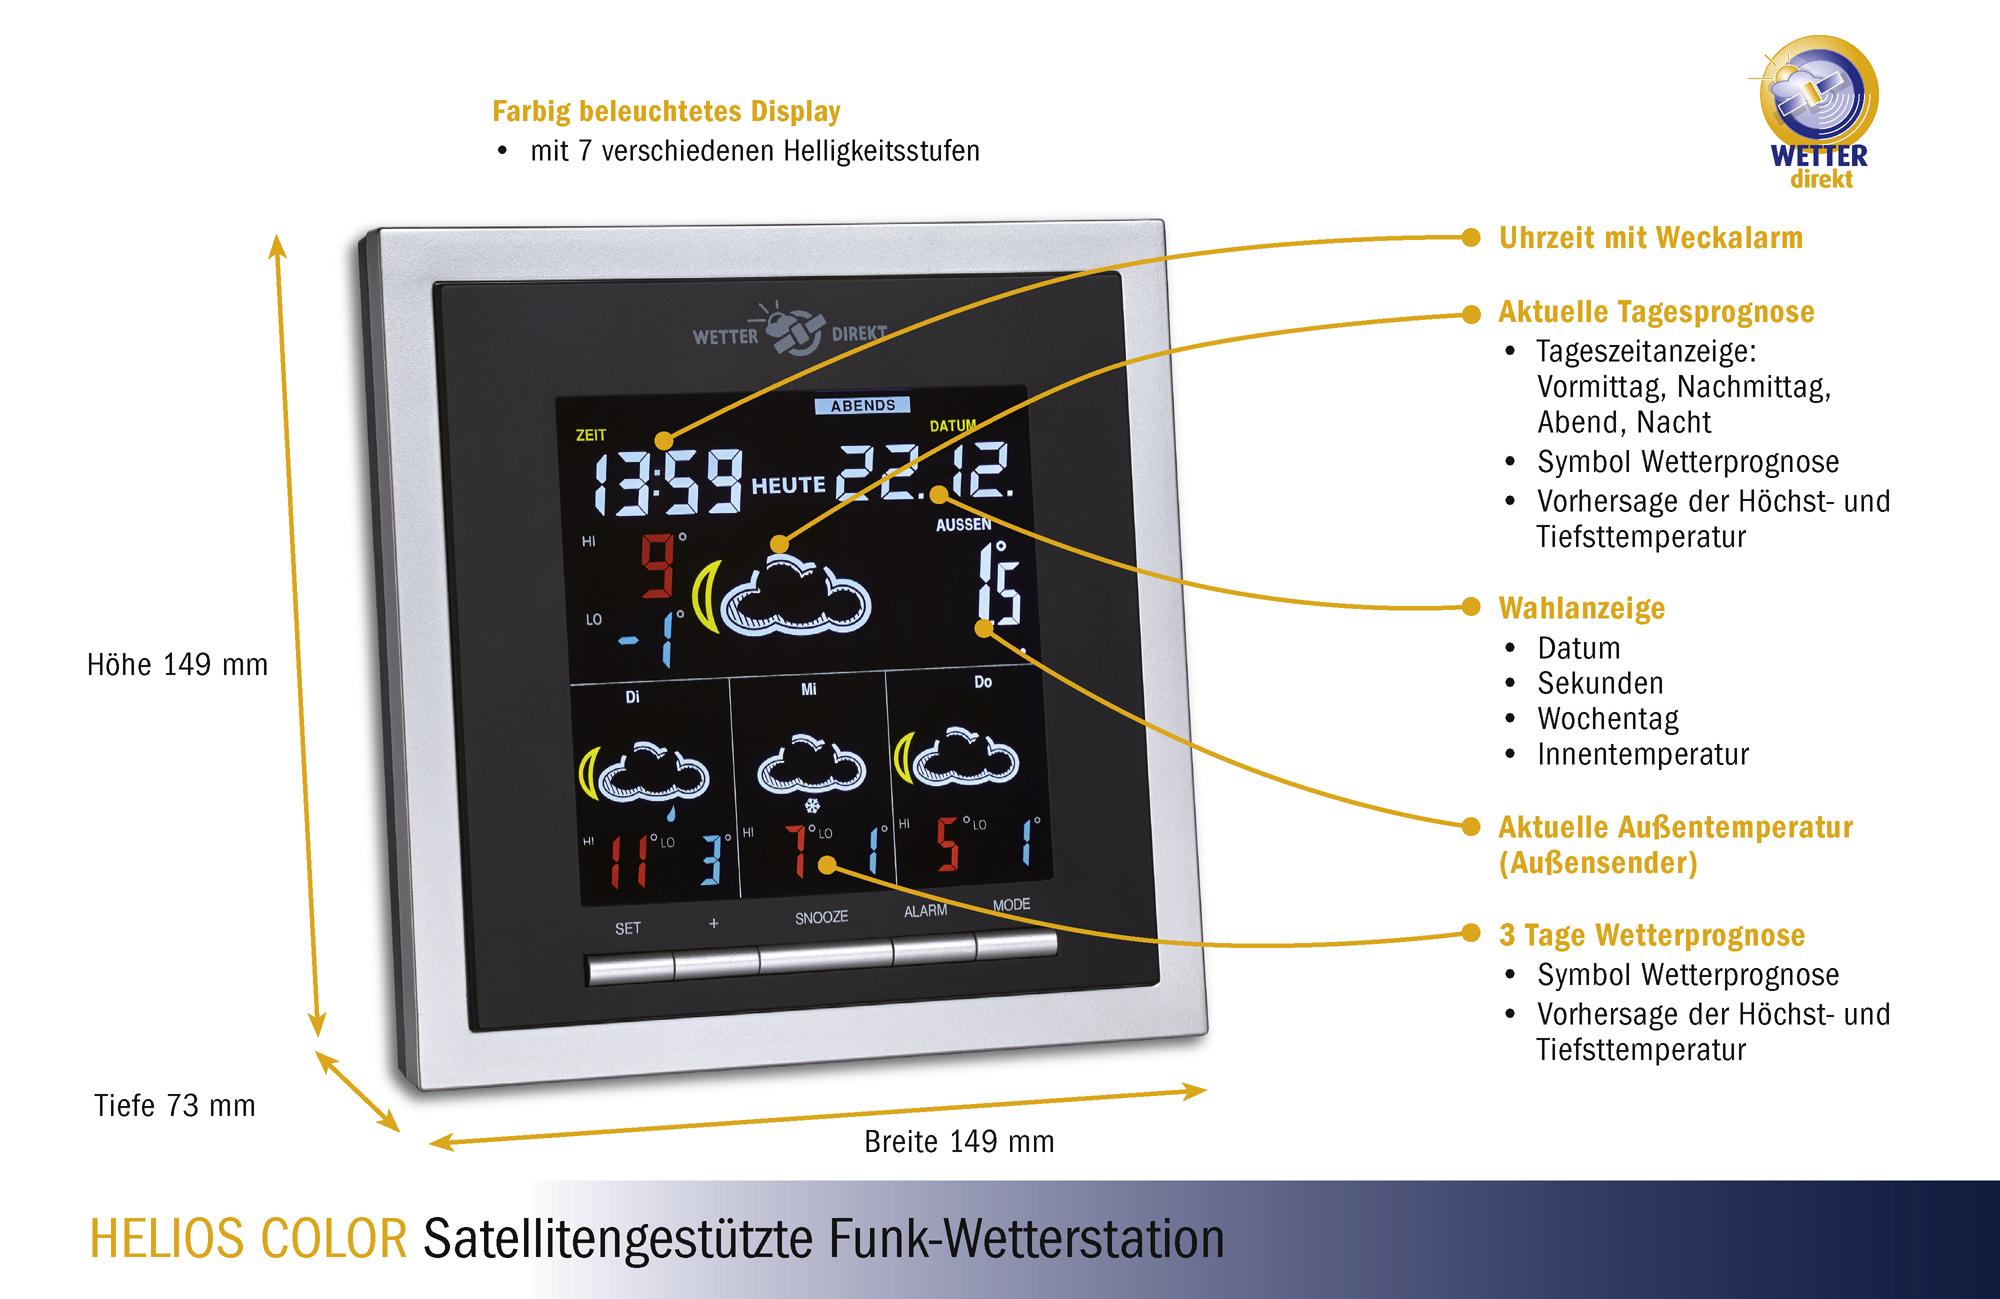 Helios_Funk-Wetterstation_Wetterdirekt_355057_Bemassung.jpg